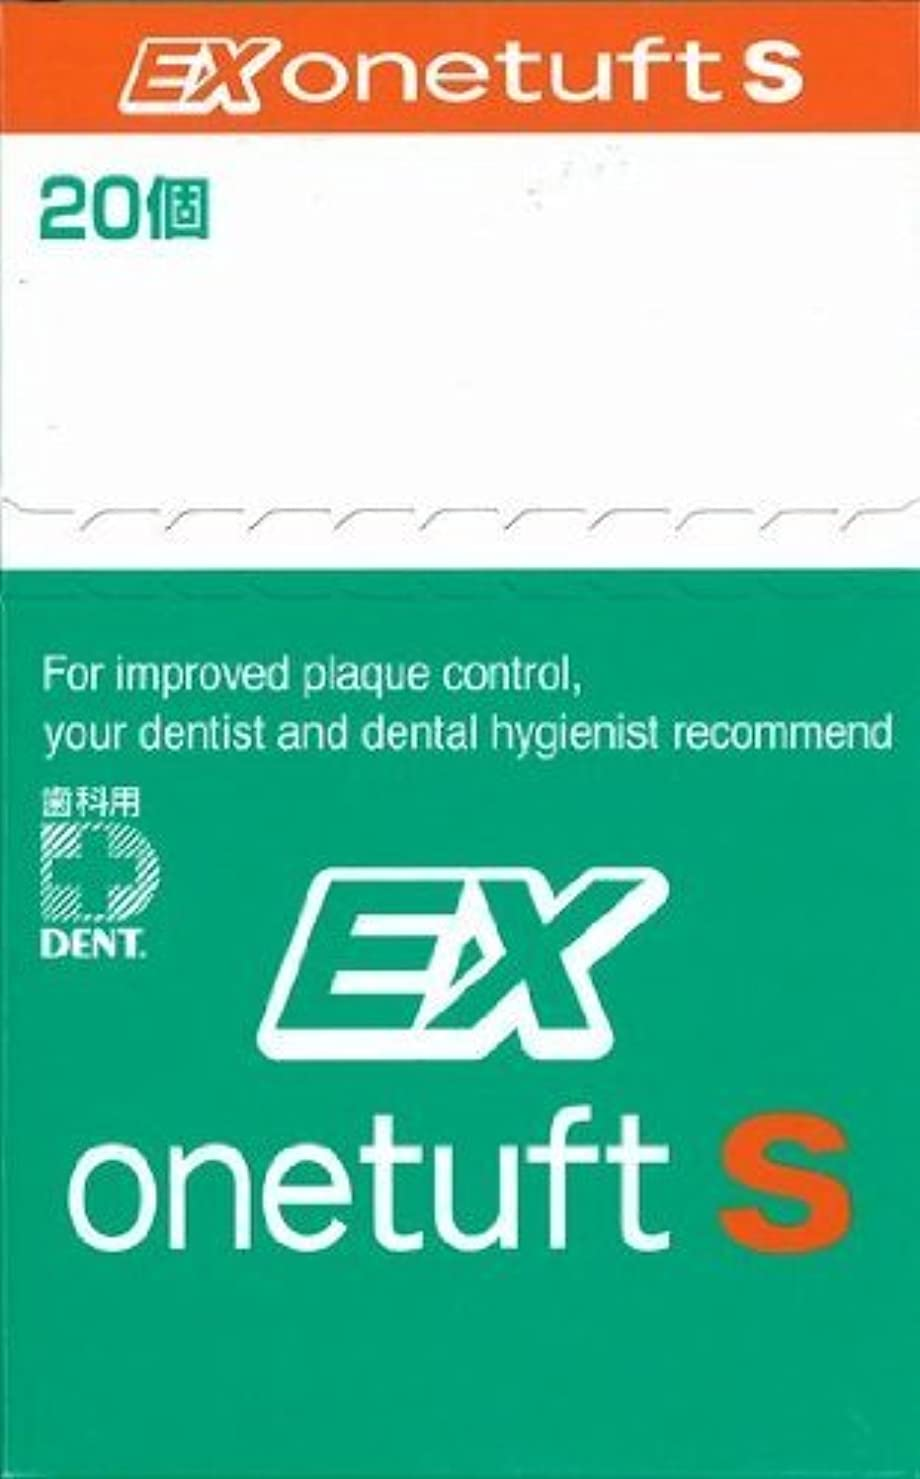 一族発疹狂うデント EX onetuft S 歯ブラシ 20本入